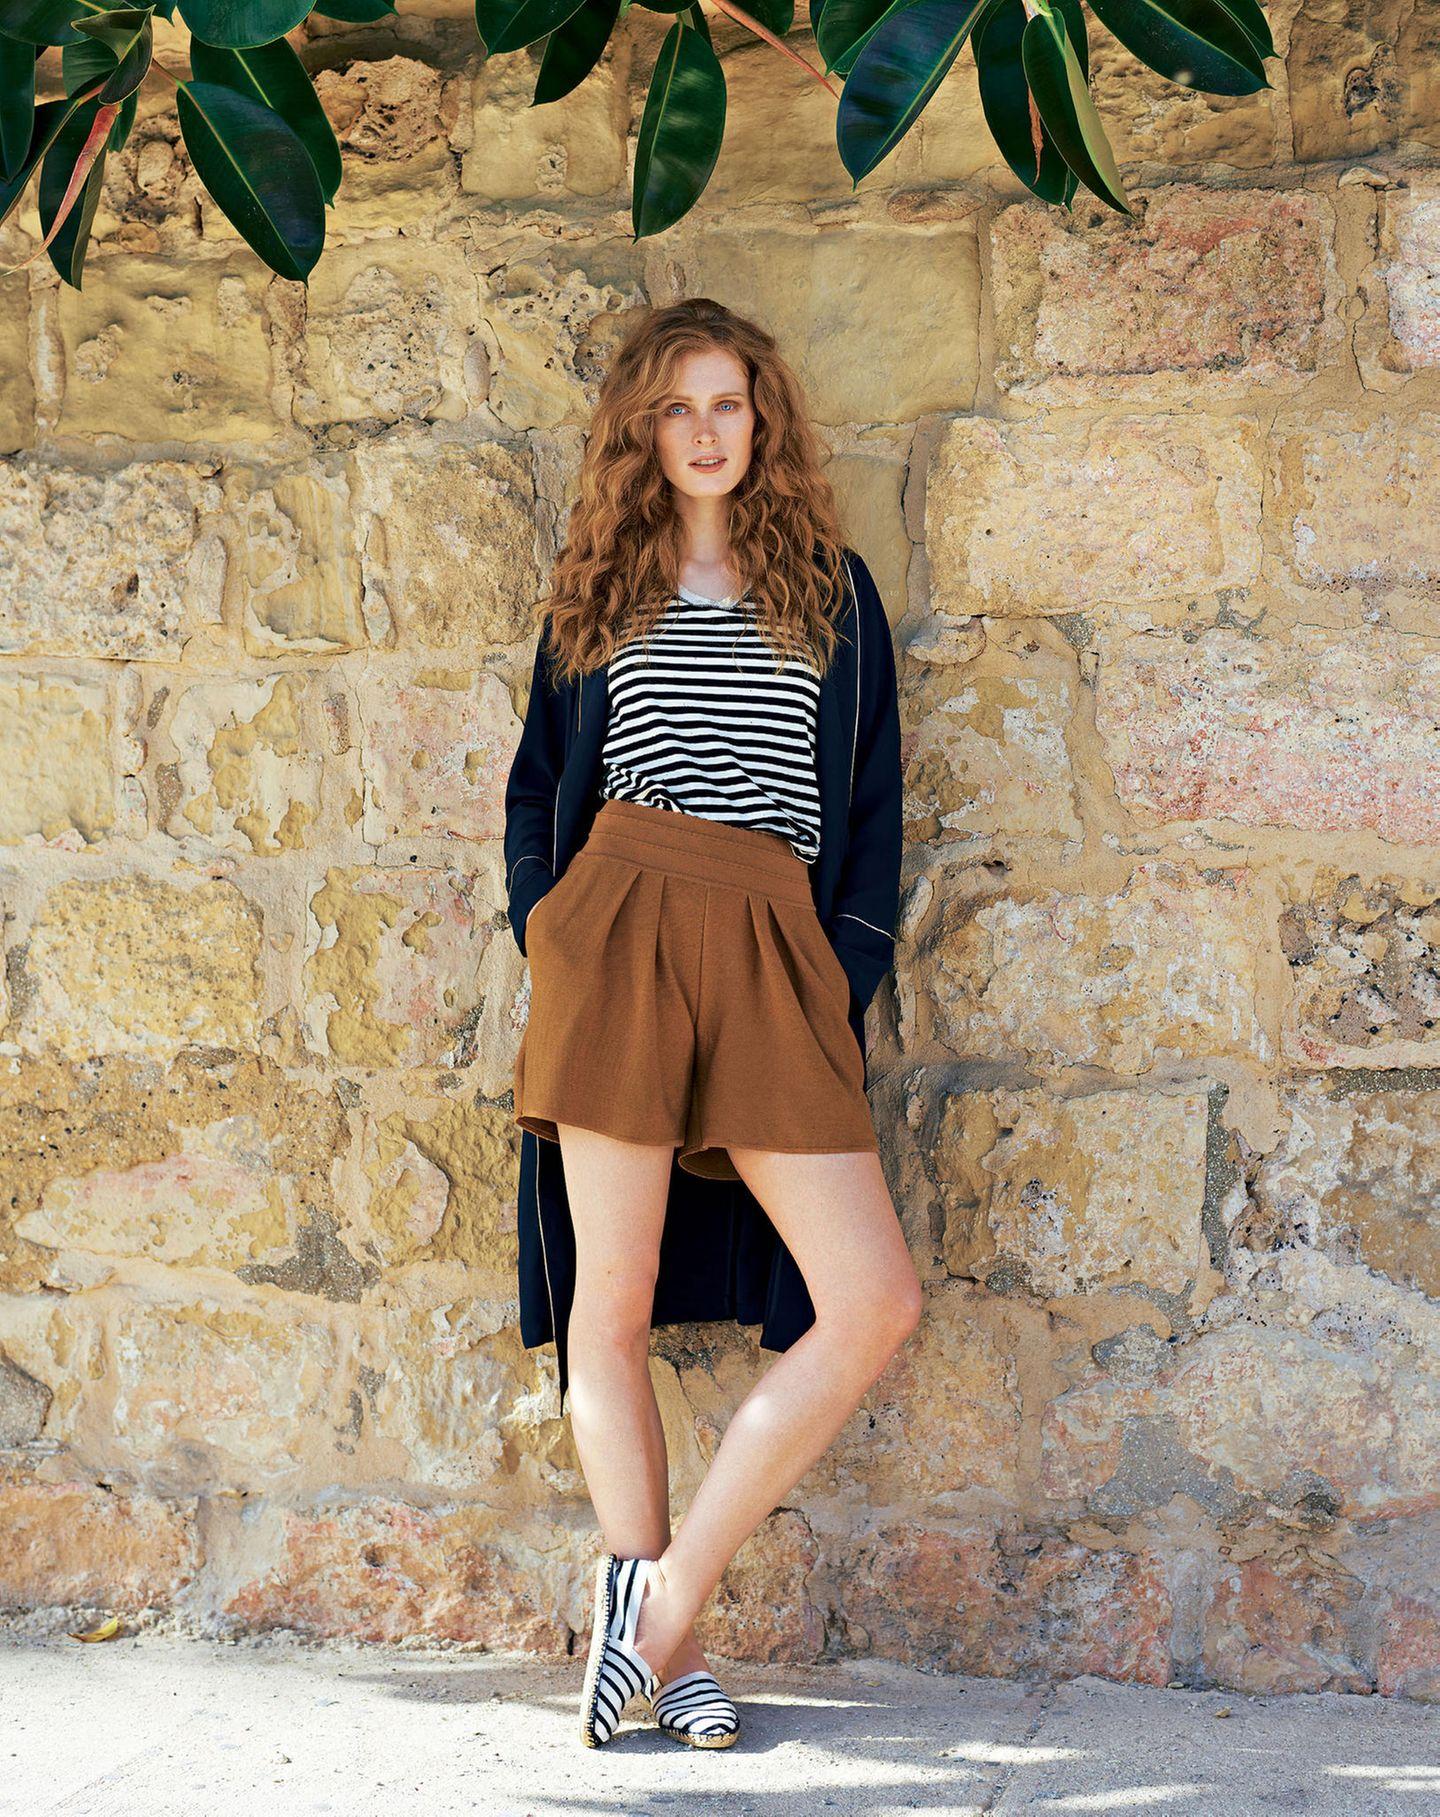 French Chic: Model mit geringeltem Top und Feinstrick-Shorts